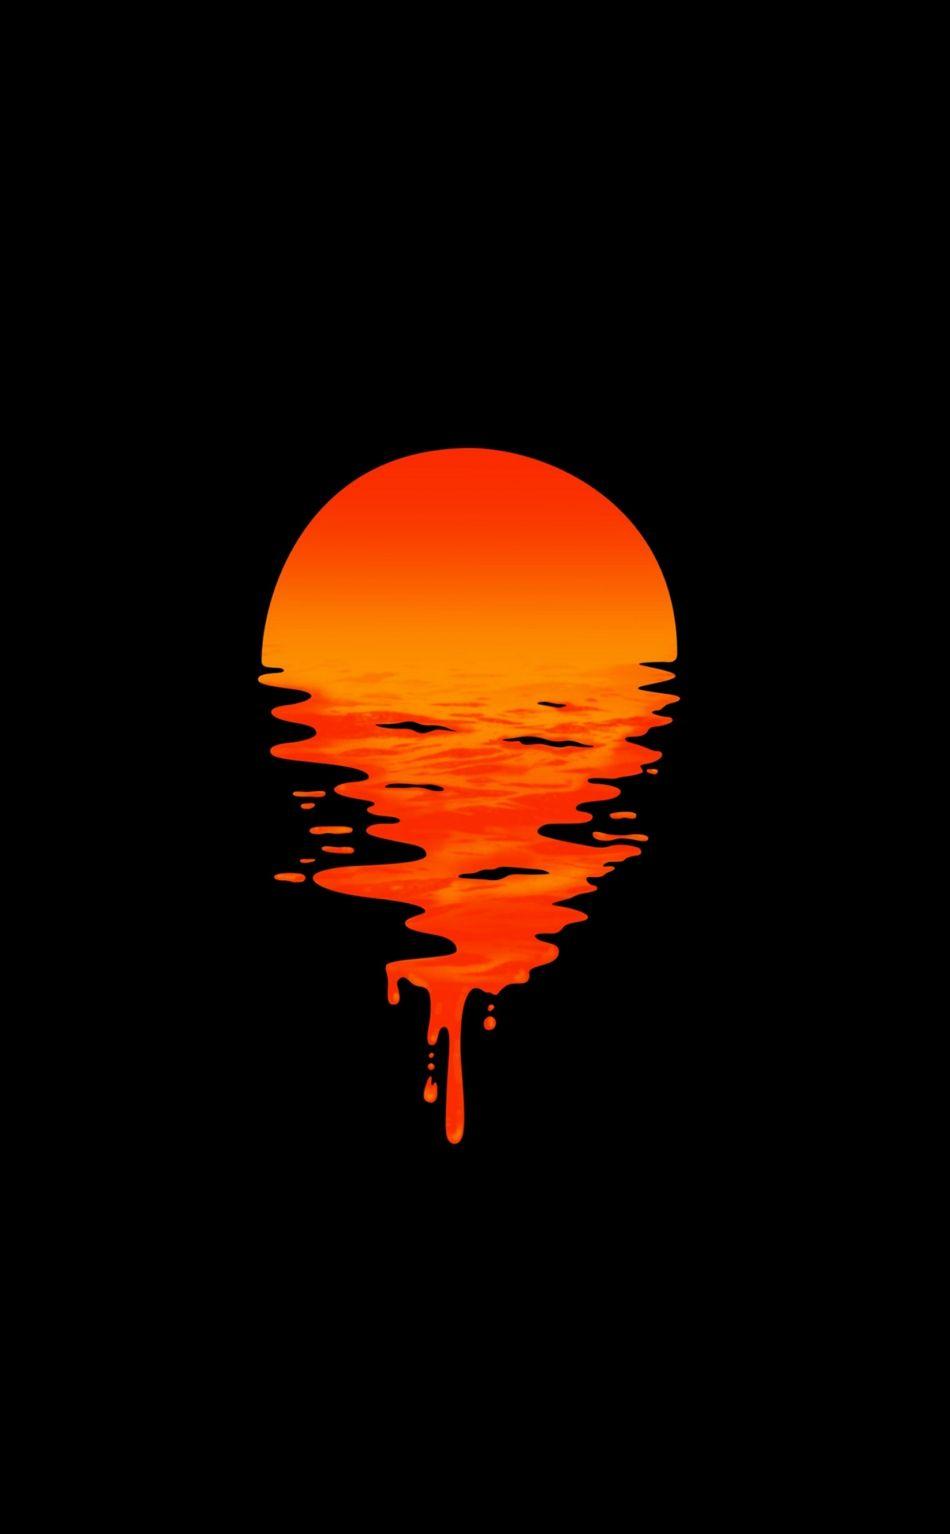 950x1534 Lake Sunset Orange Minimal Dark Wallpaper Dark Phone Wallpapers Dark Wallpaper Hd Dark Wallpapers